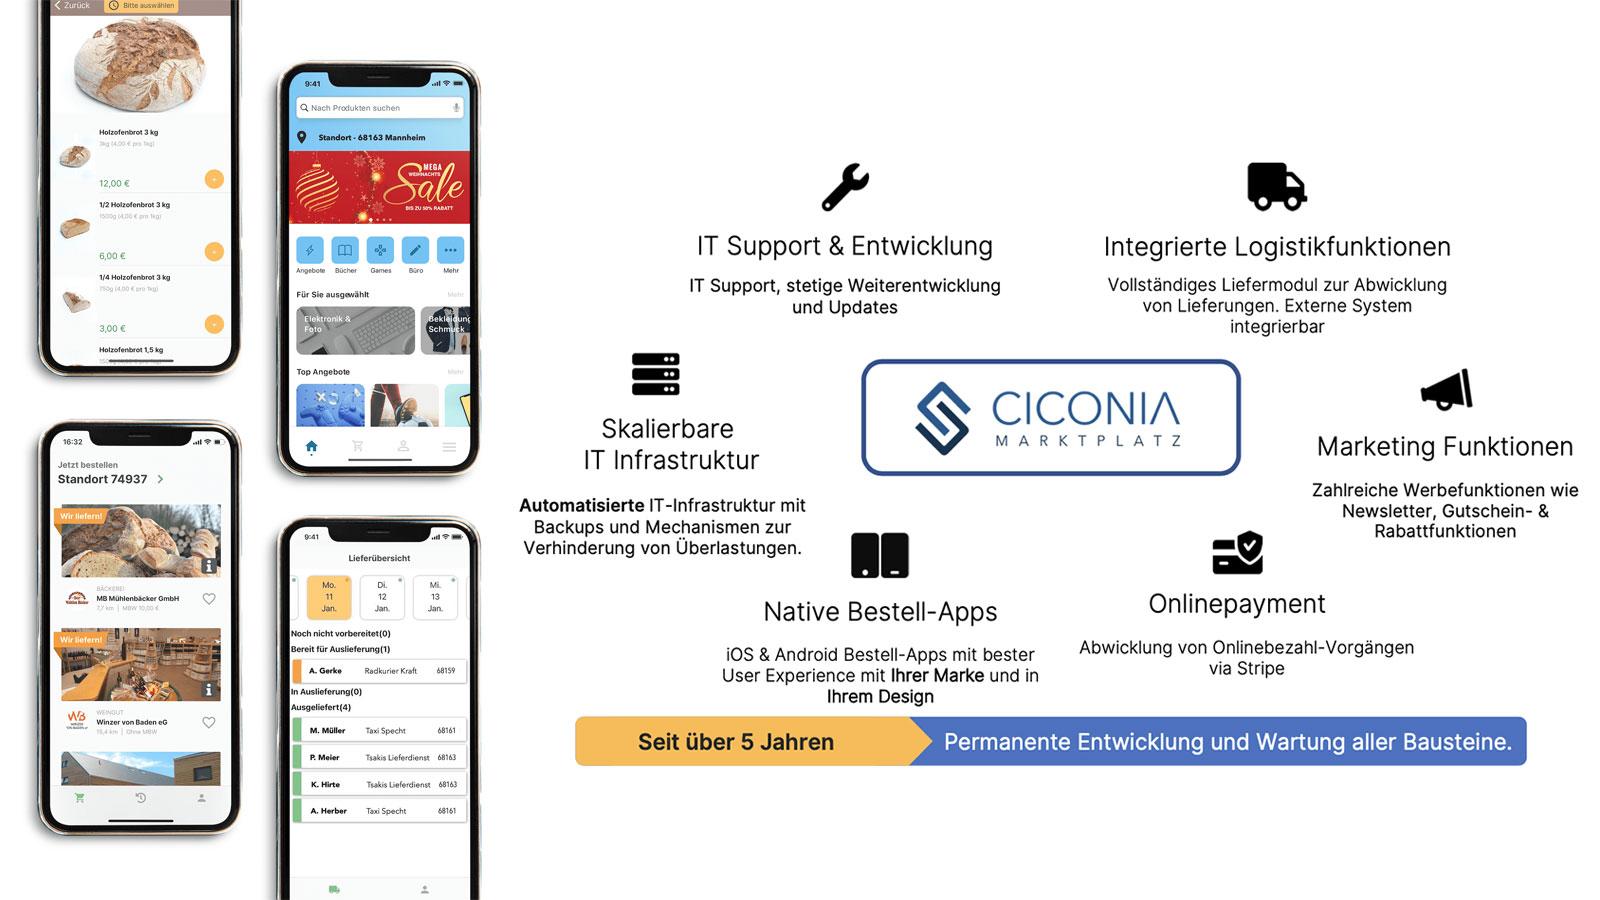 Ihr Digitalisierungsbaukasten für den regionalen Onlinehandel mit Lieferlogistik